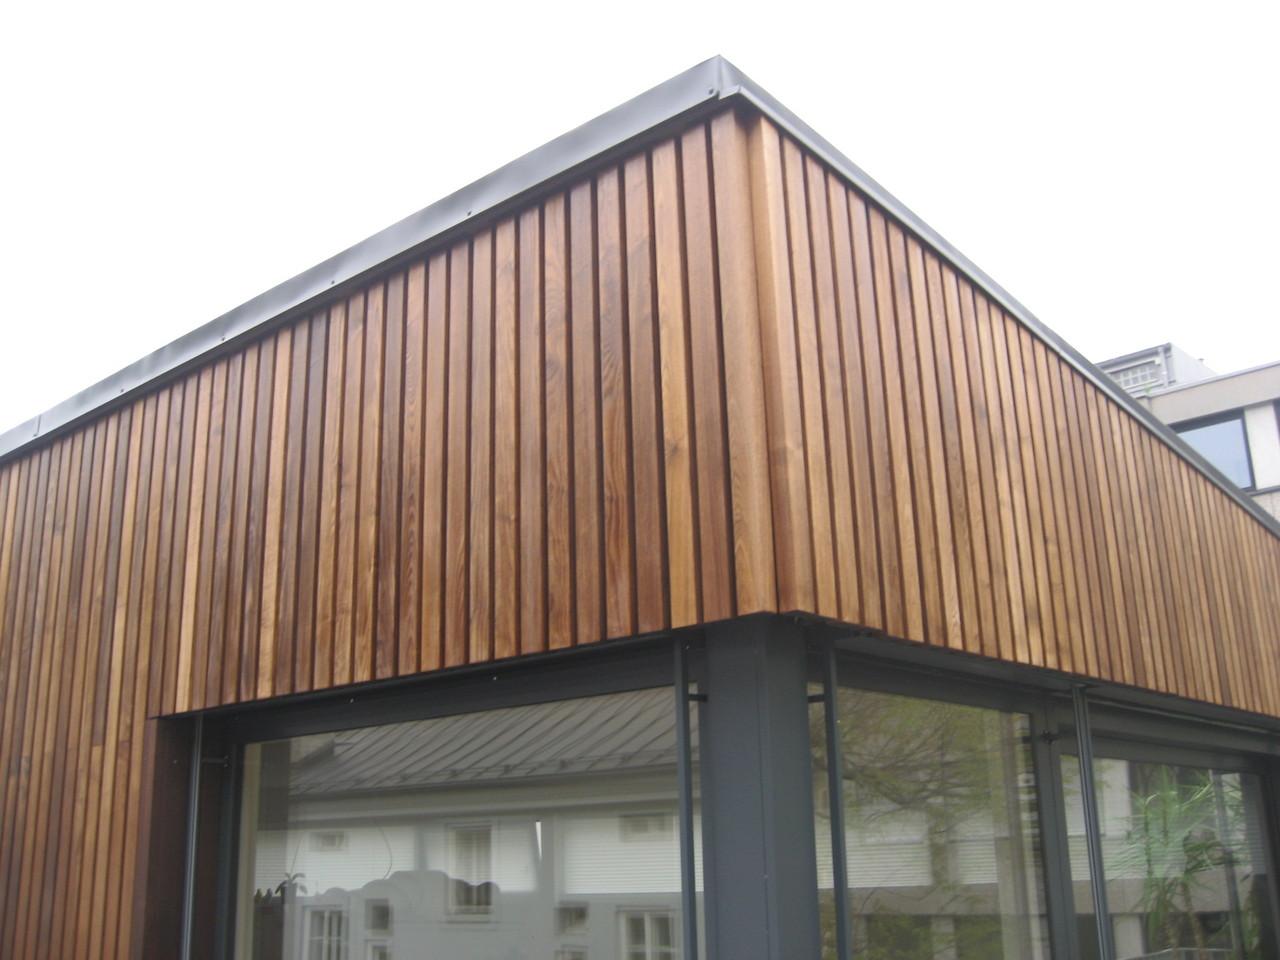 Fassadenverschalung Thermo Esche Staffeln